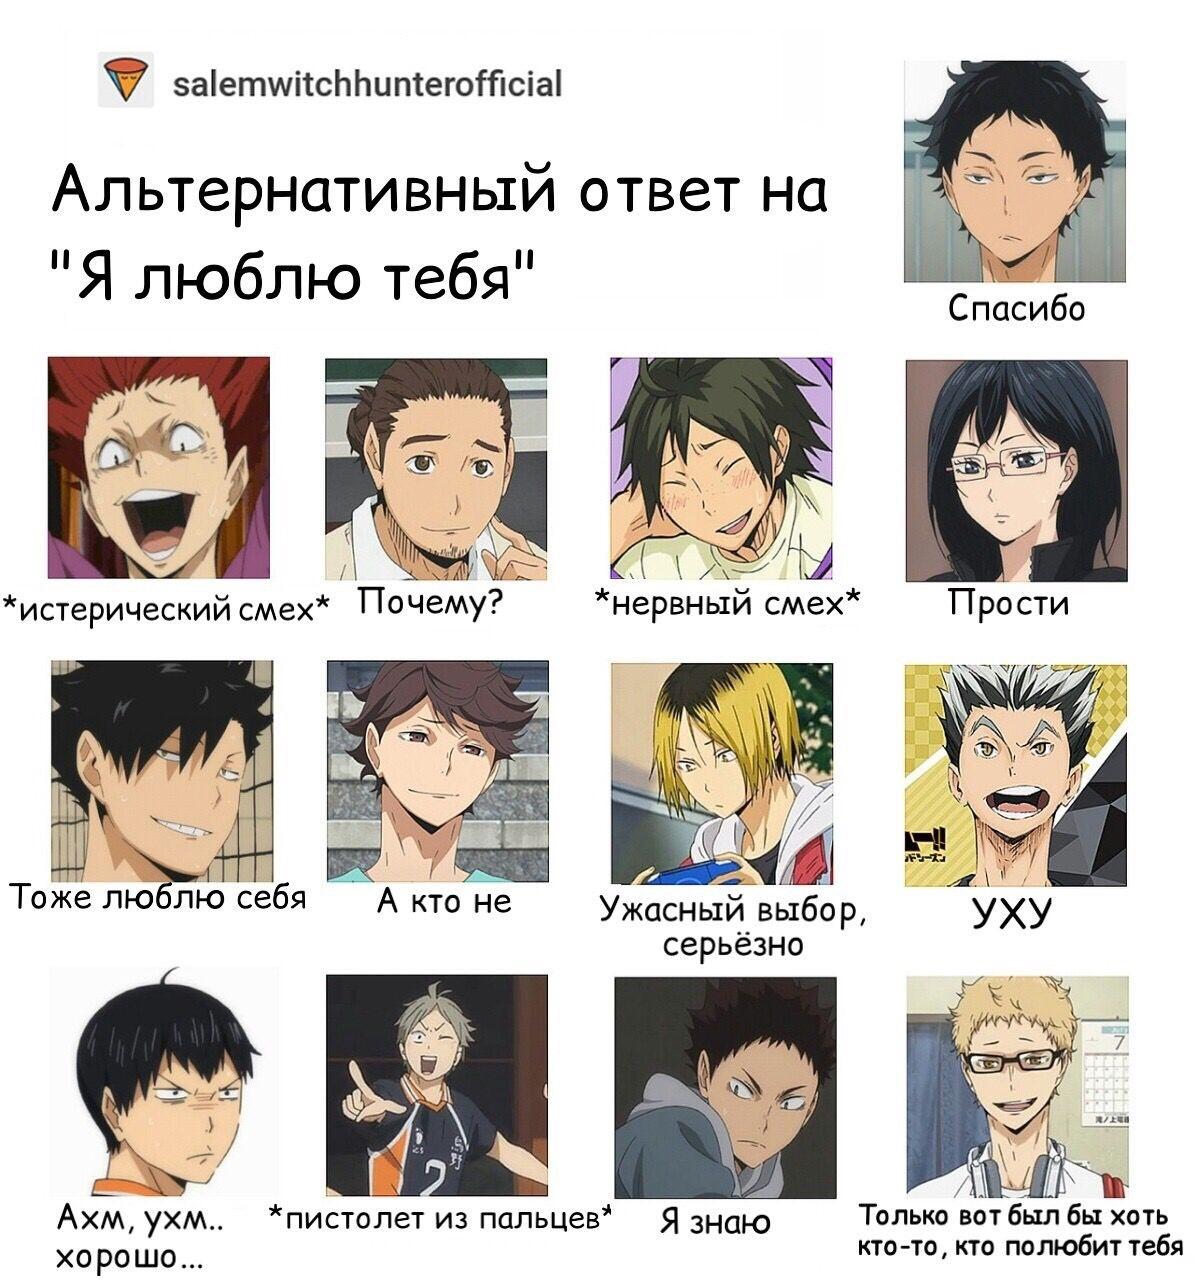 Прикольные аниме мемы волейбол 22